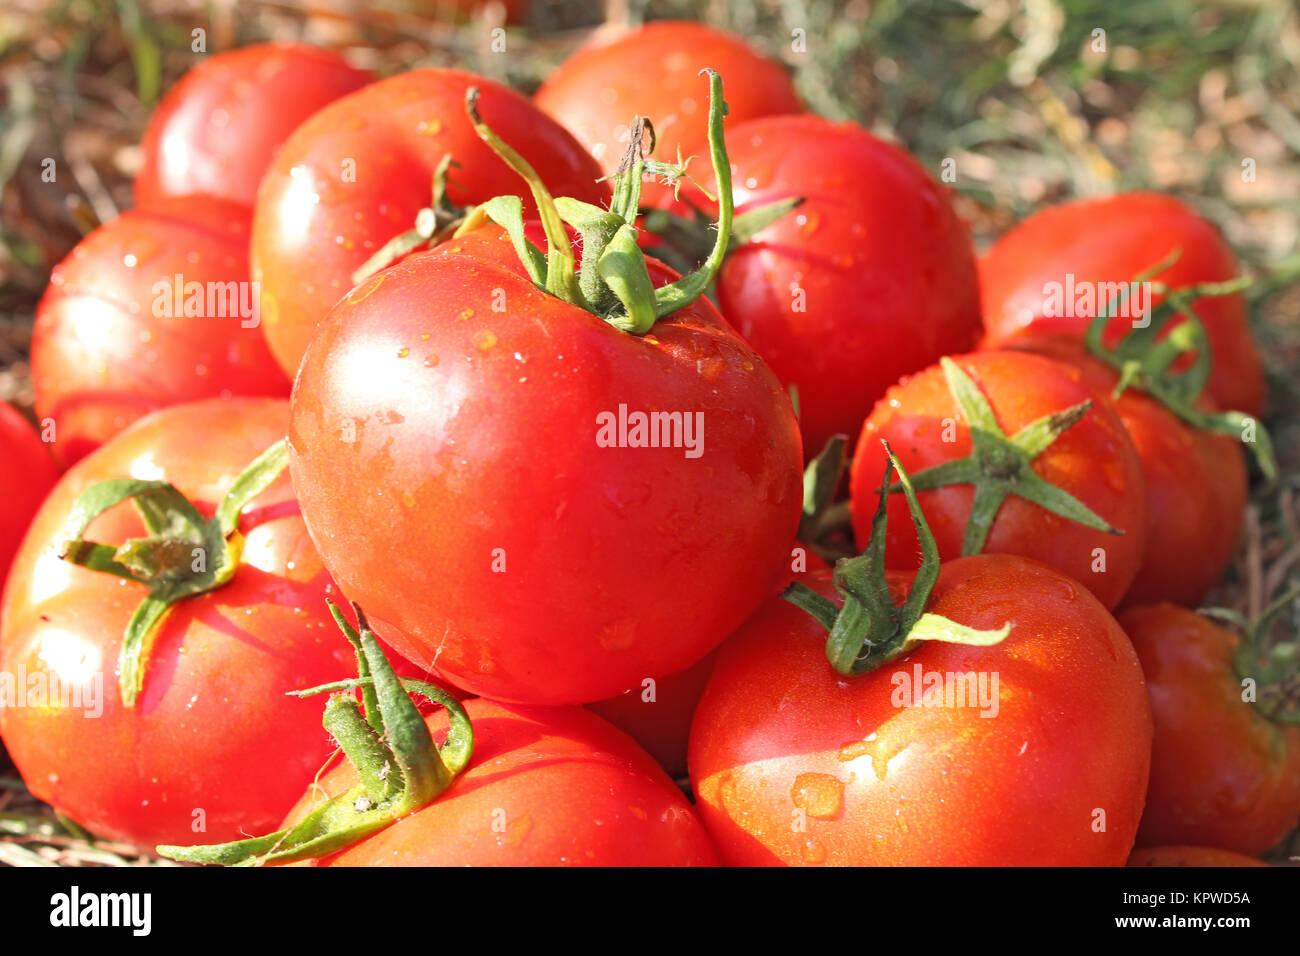 Reiche Ausbeute an roten Tomaten Stockbild